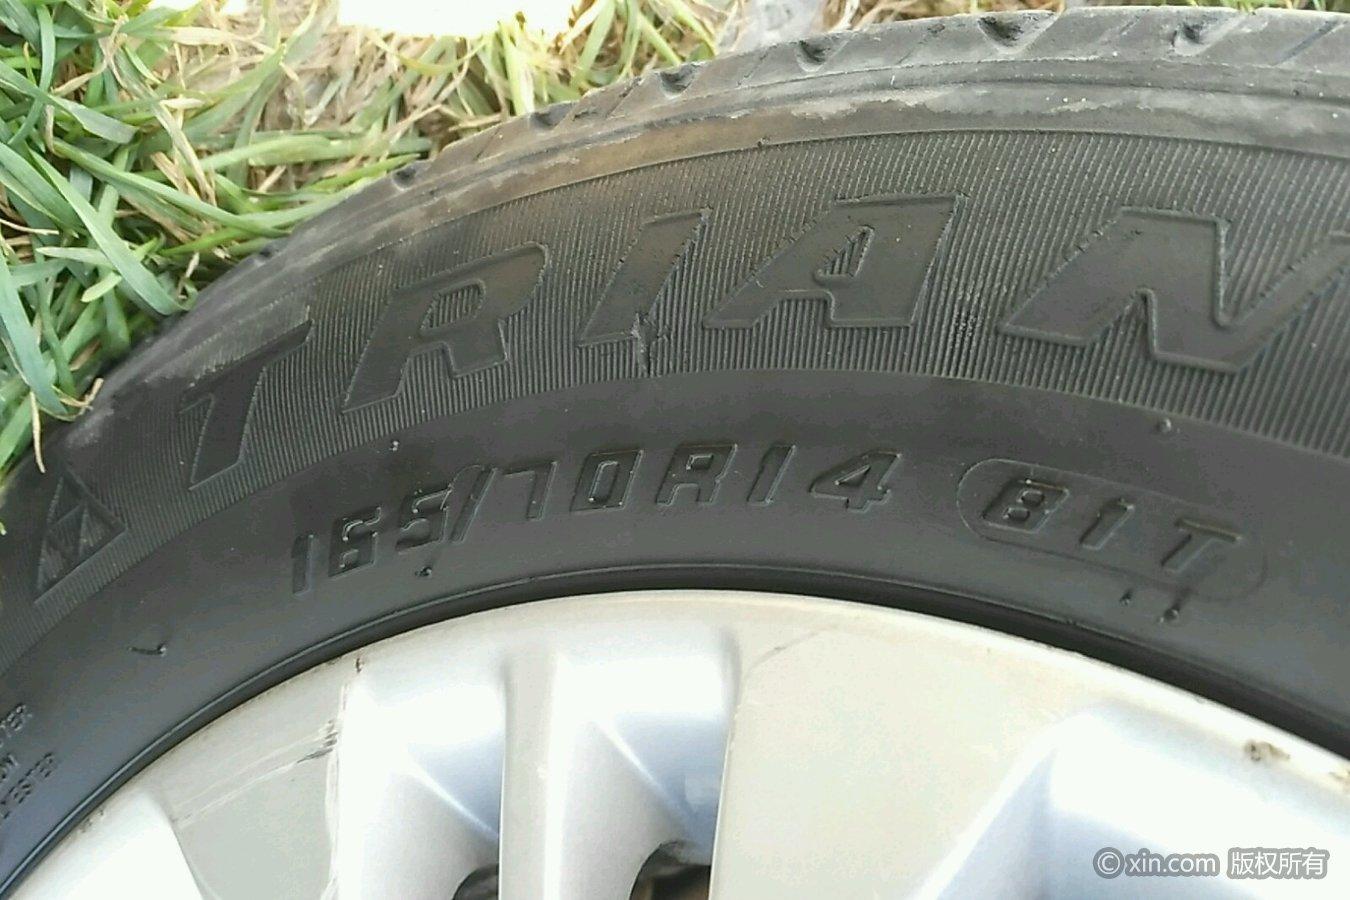 铃木价格左前轮胎雨燕金丝猴尺寸话梅糖黑糖图片